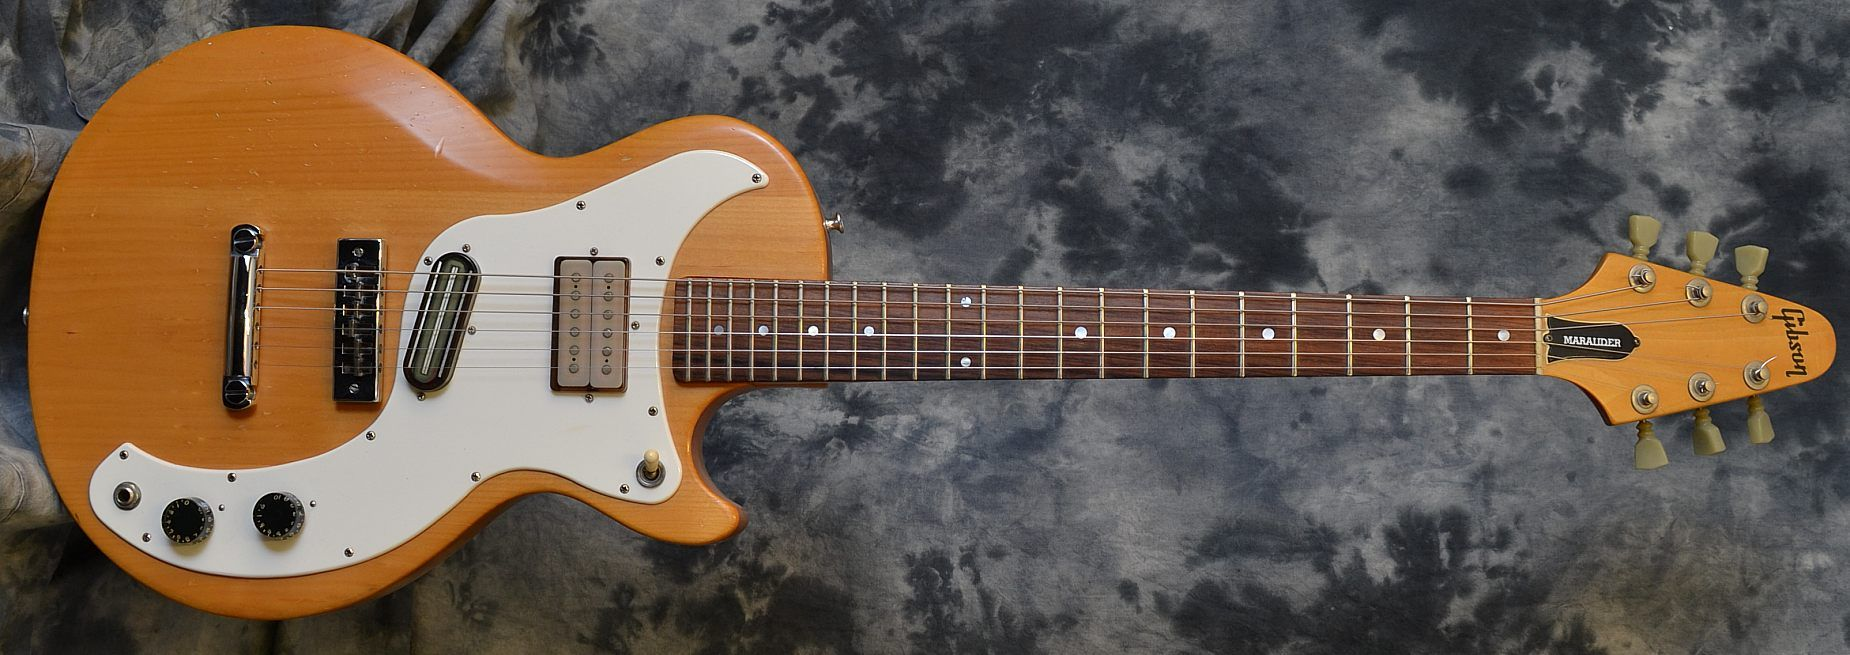 gibson, guitarra, poco conocida, vintage